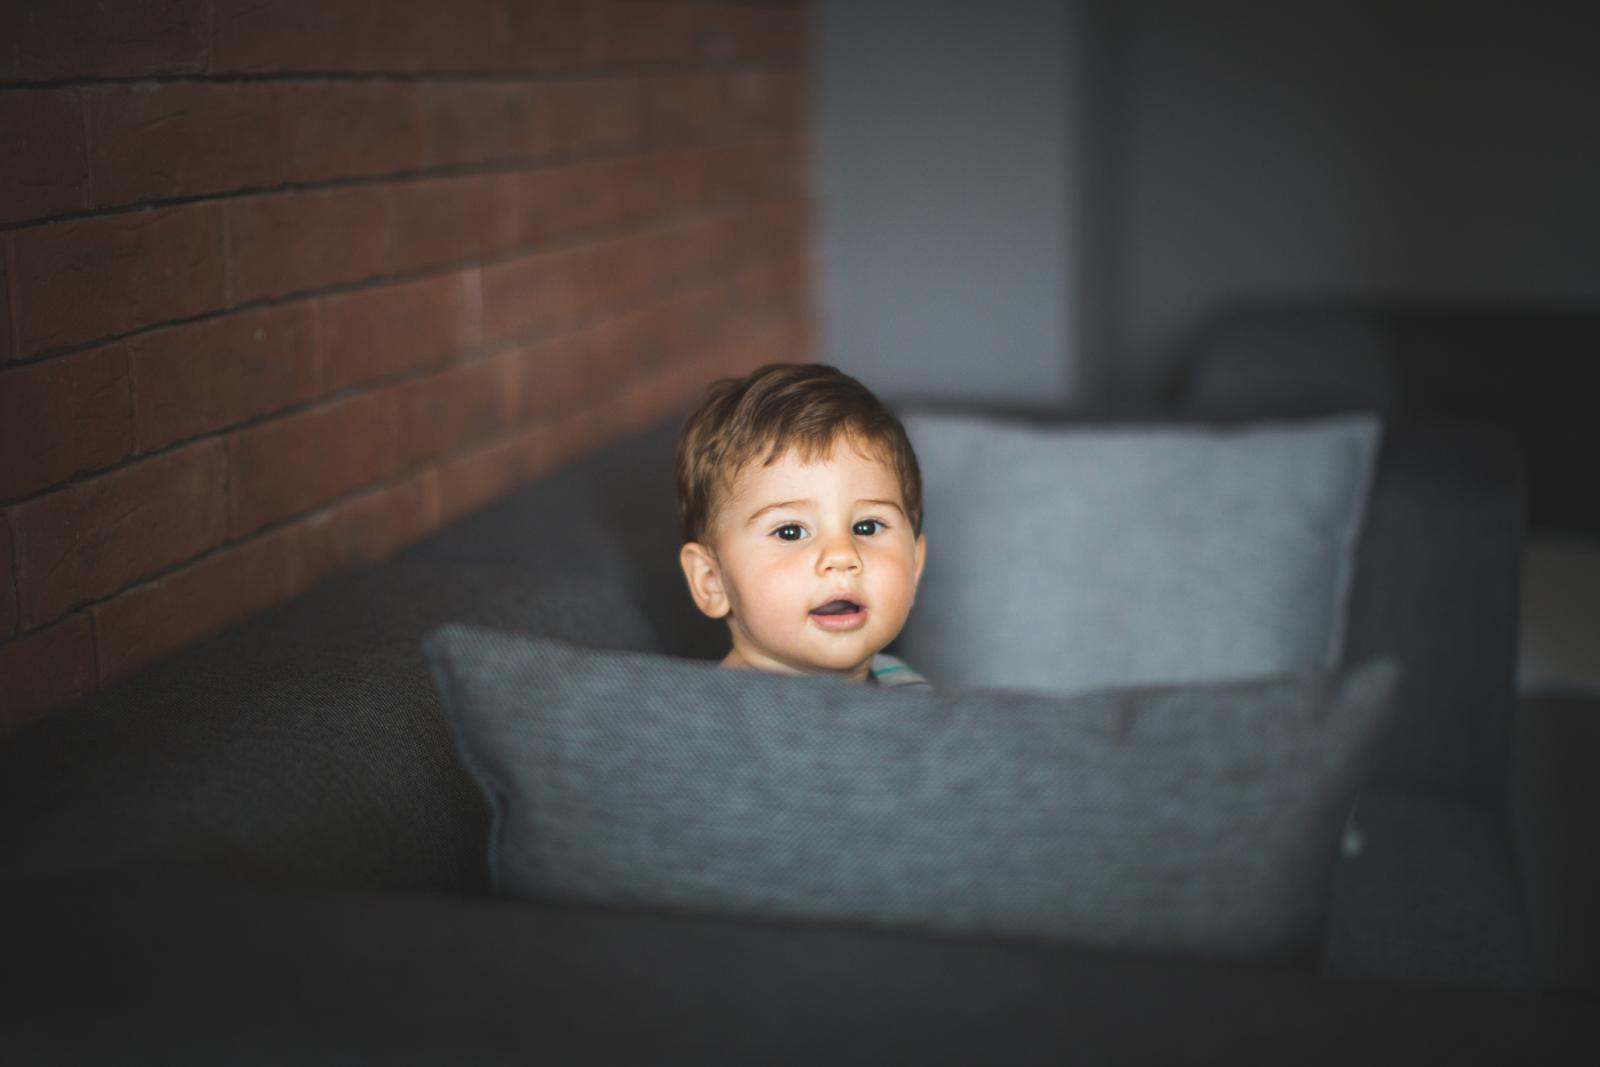 Pedijatrica je potvrdila ono što sam čitala - bebu ne treba siliti da sjedi. Ali, tu su opet bake i djedovi...